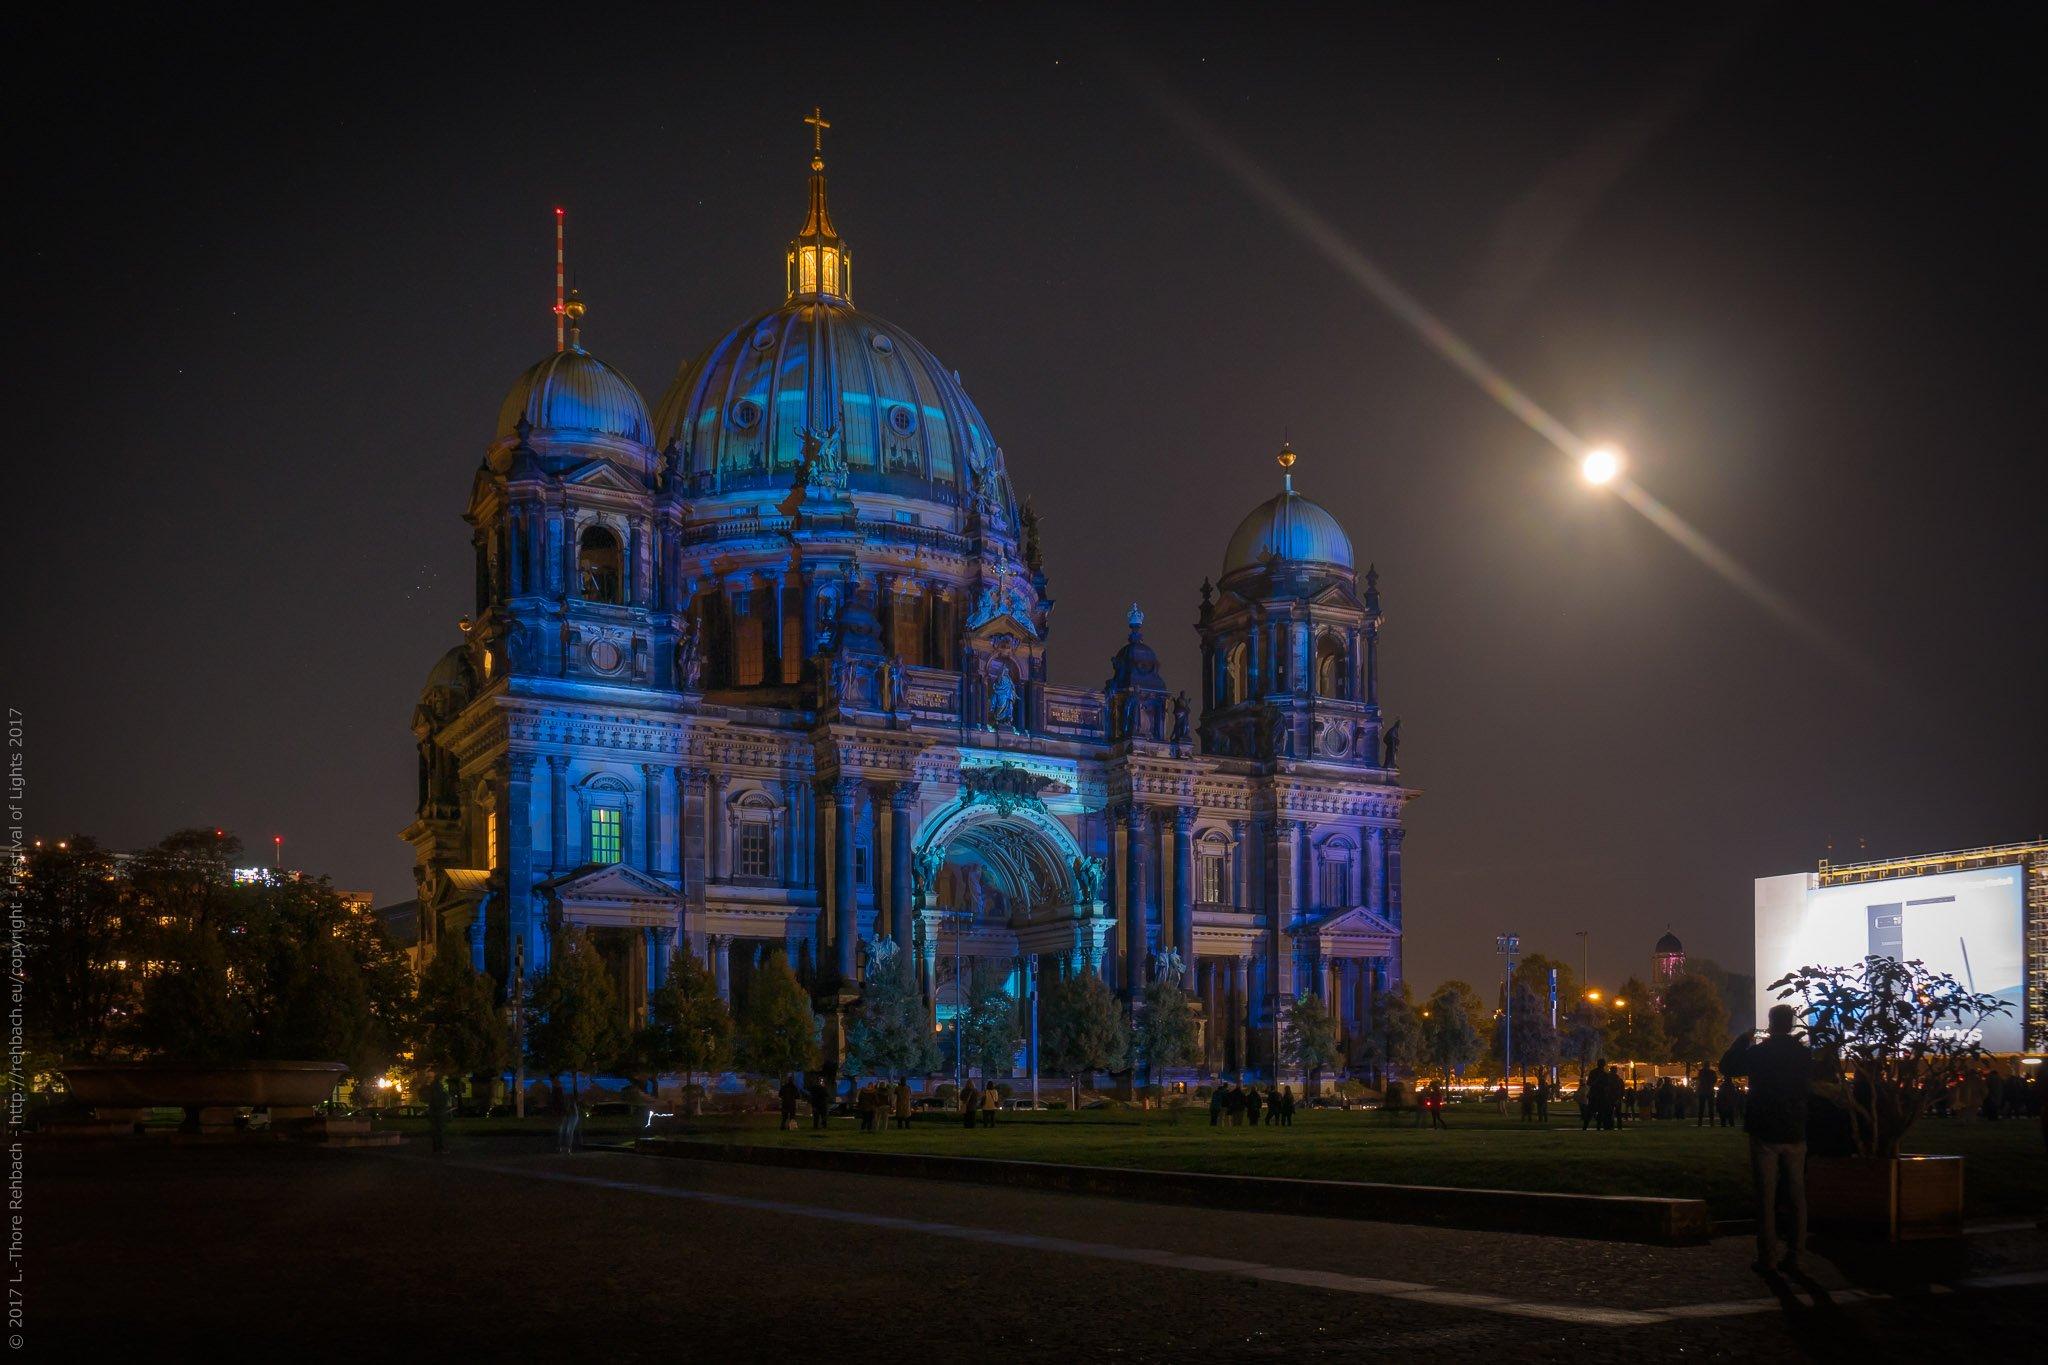 Berlin Festival of Lights 2017